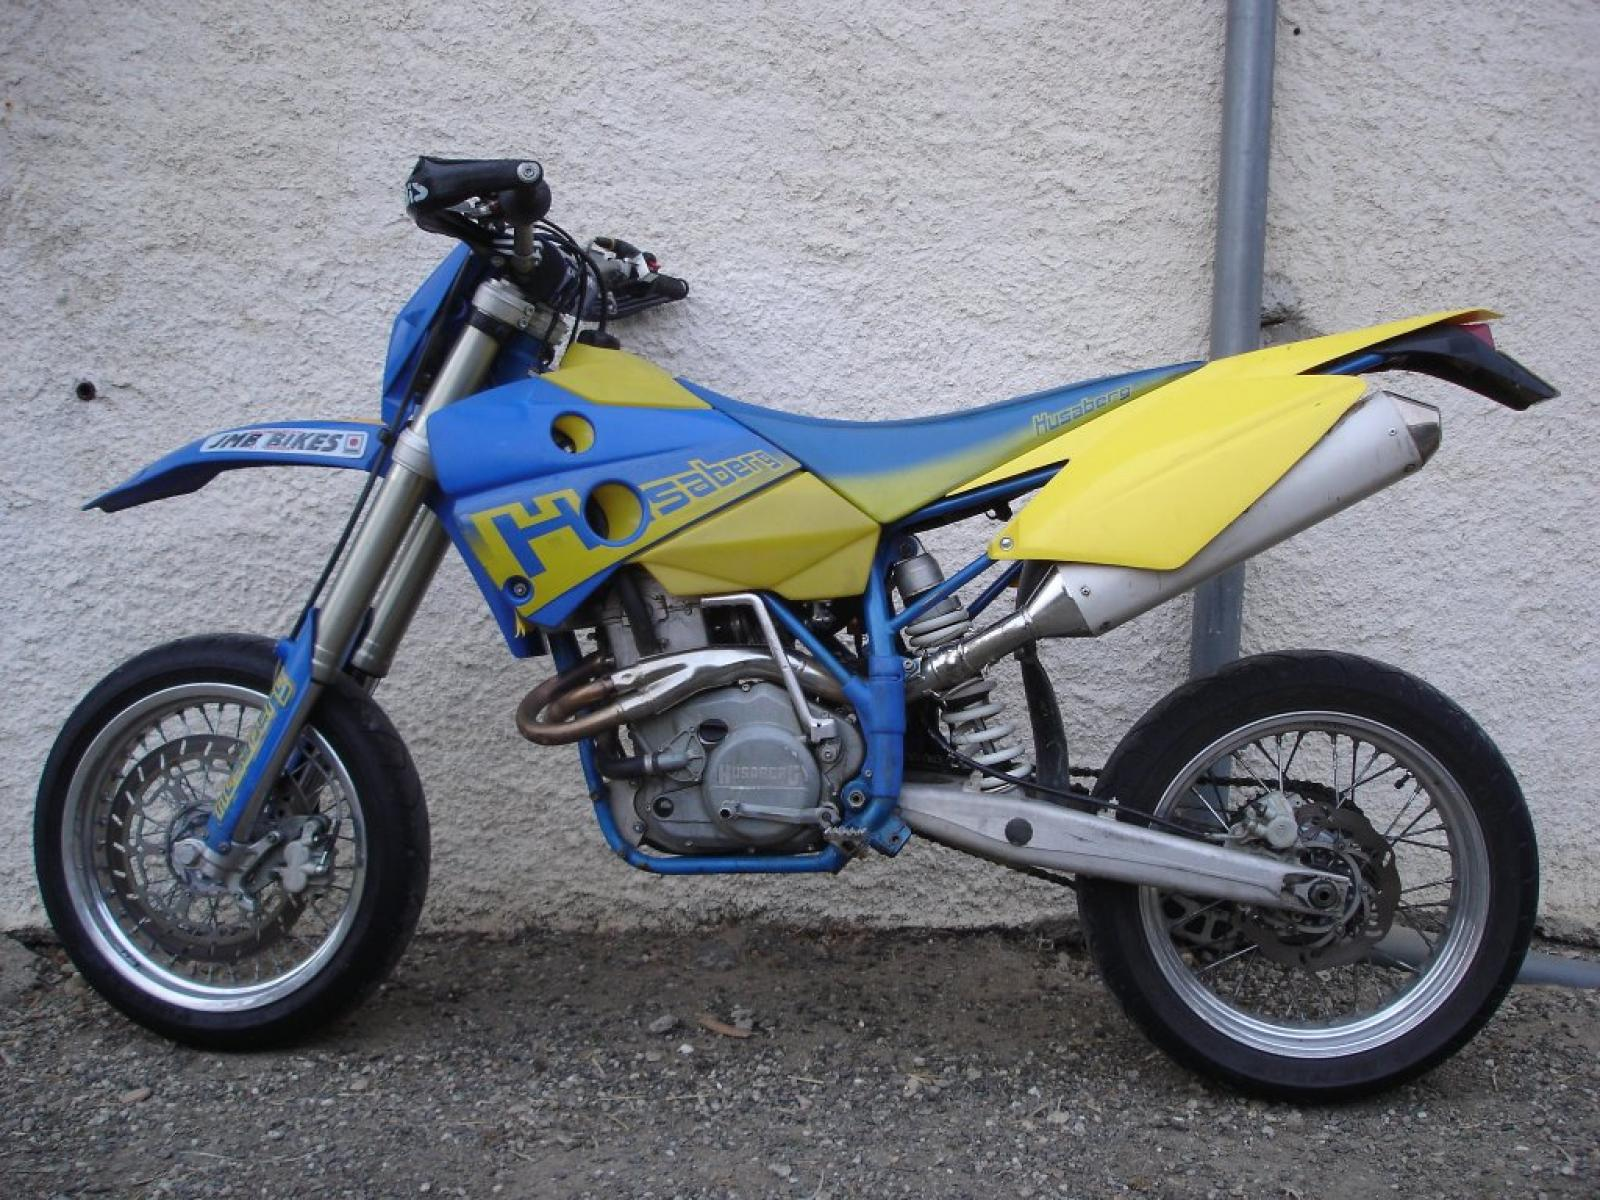 Husaberg FE 600e Supermoto